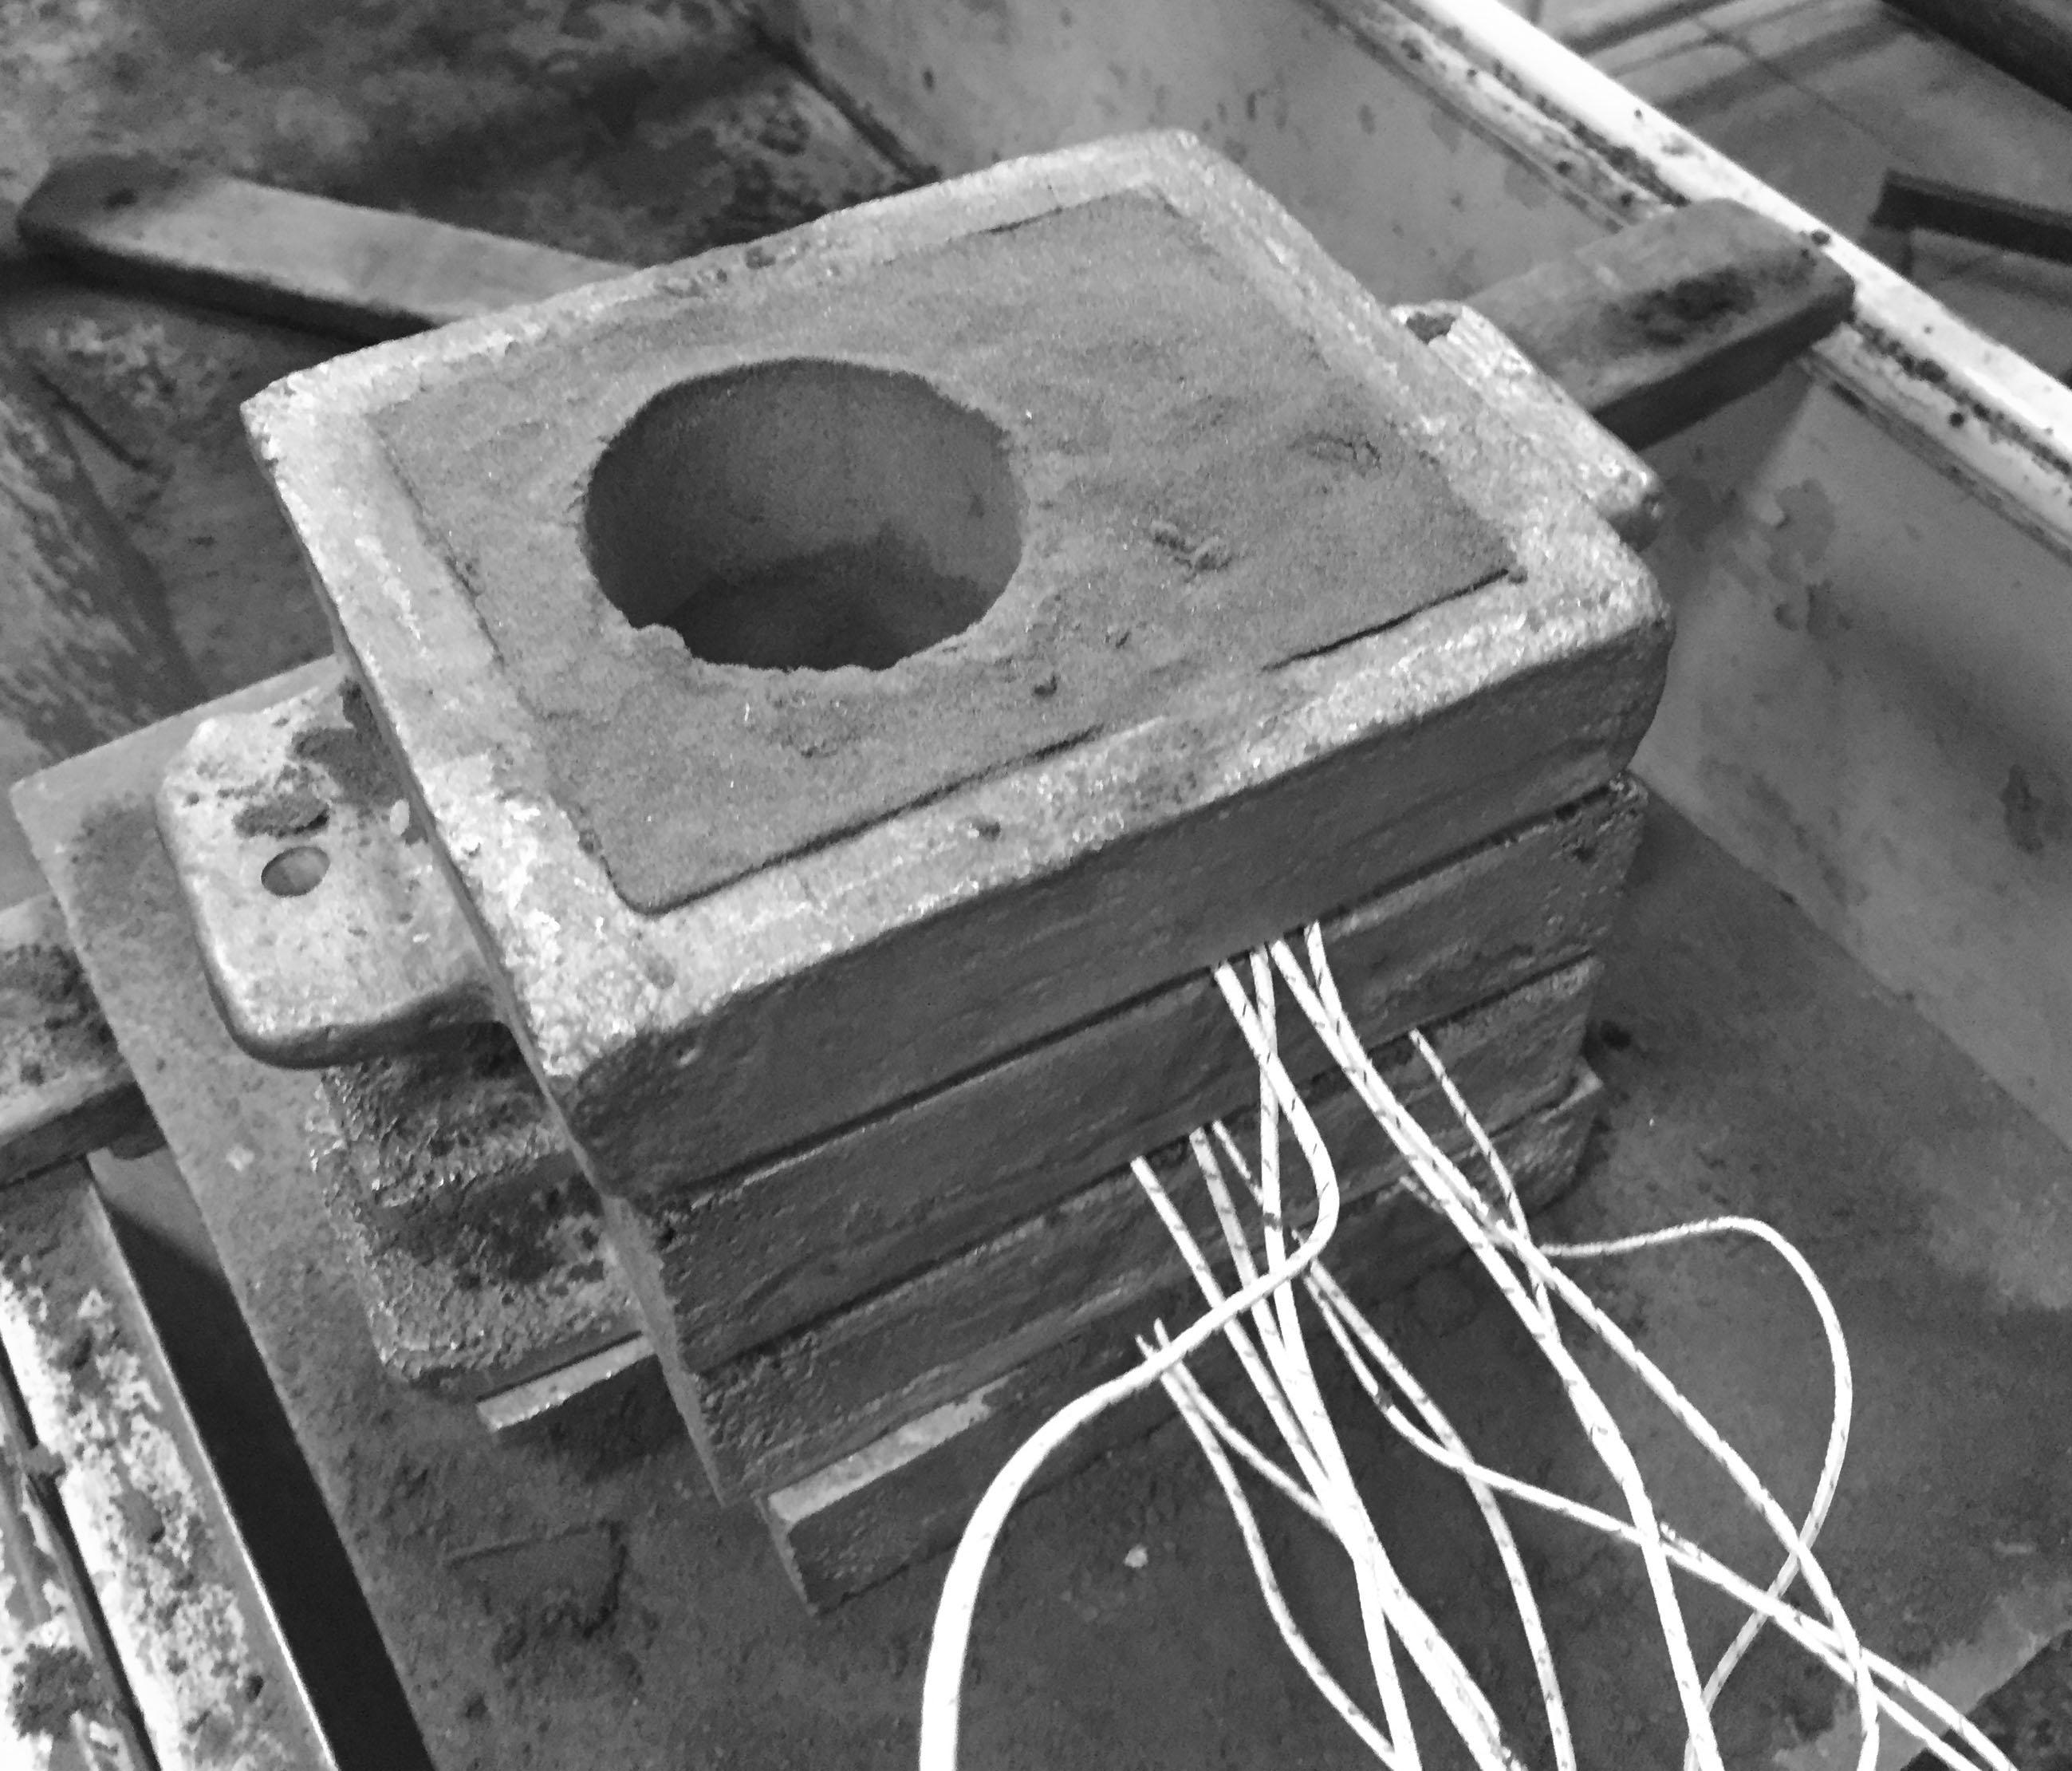 Пластины теплообменника Анвитэк A6L Глазов Уплотнения теплообменника Alfa Laval T8-MFM Новосибирск